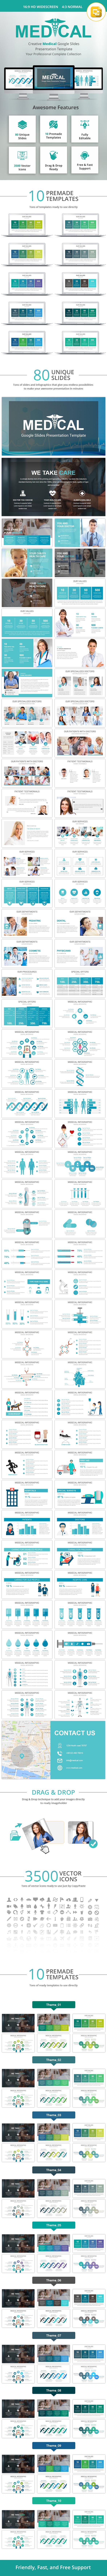 Medical Google Slides Presentation Template - Google Slides Presentation Templates